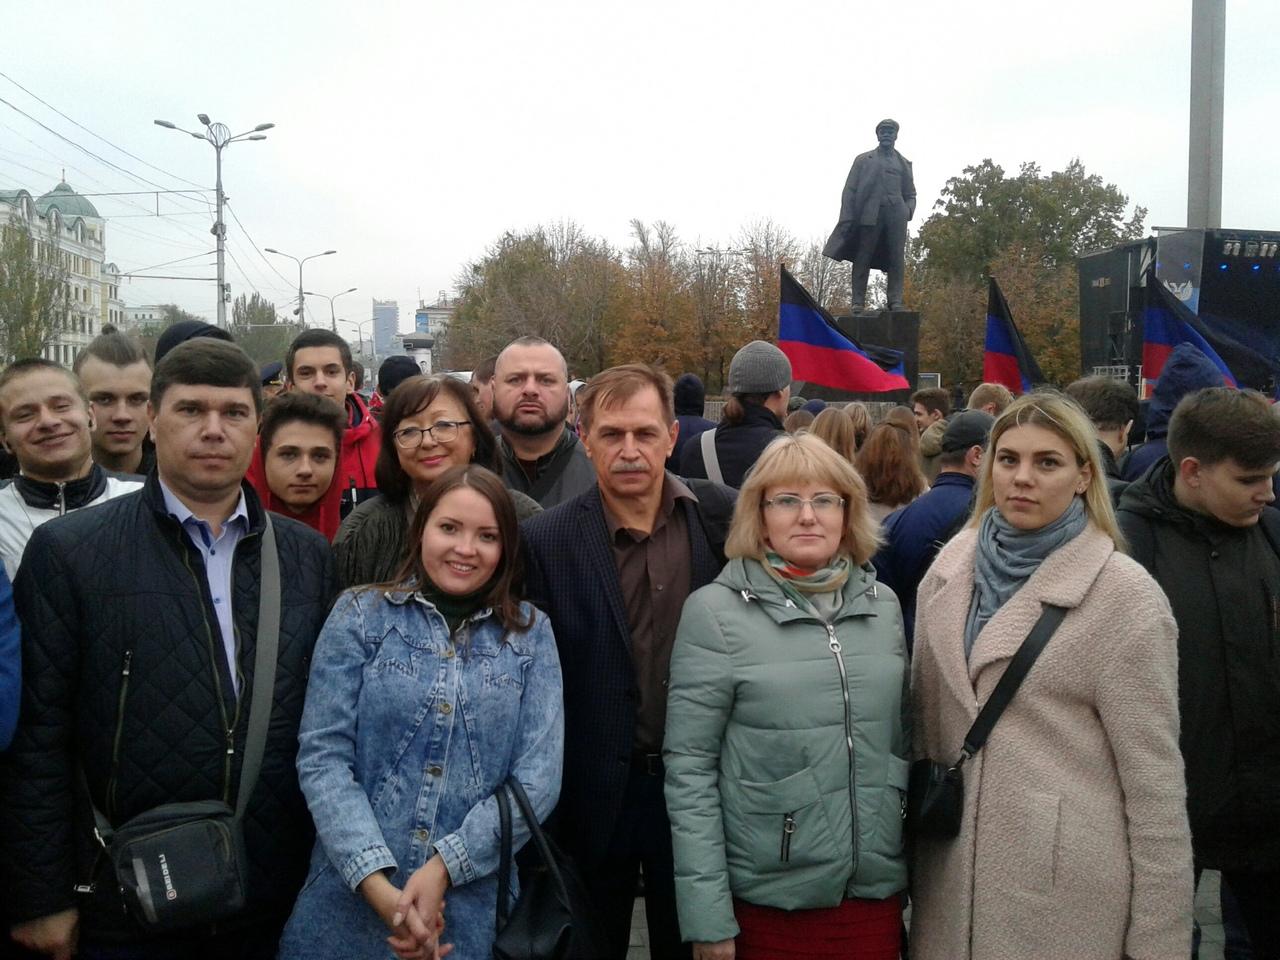 Сегодня, 25 октября 2019 года, студенты и преподаватели Донецкой академии транспорта приняли участие в митинге по случаю Дня государственного флага ДНР